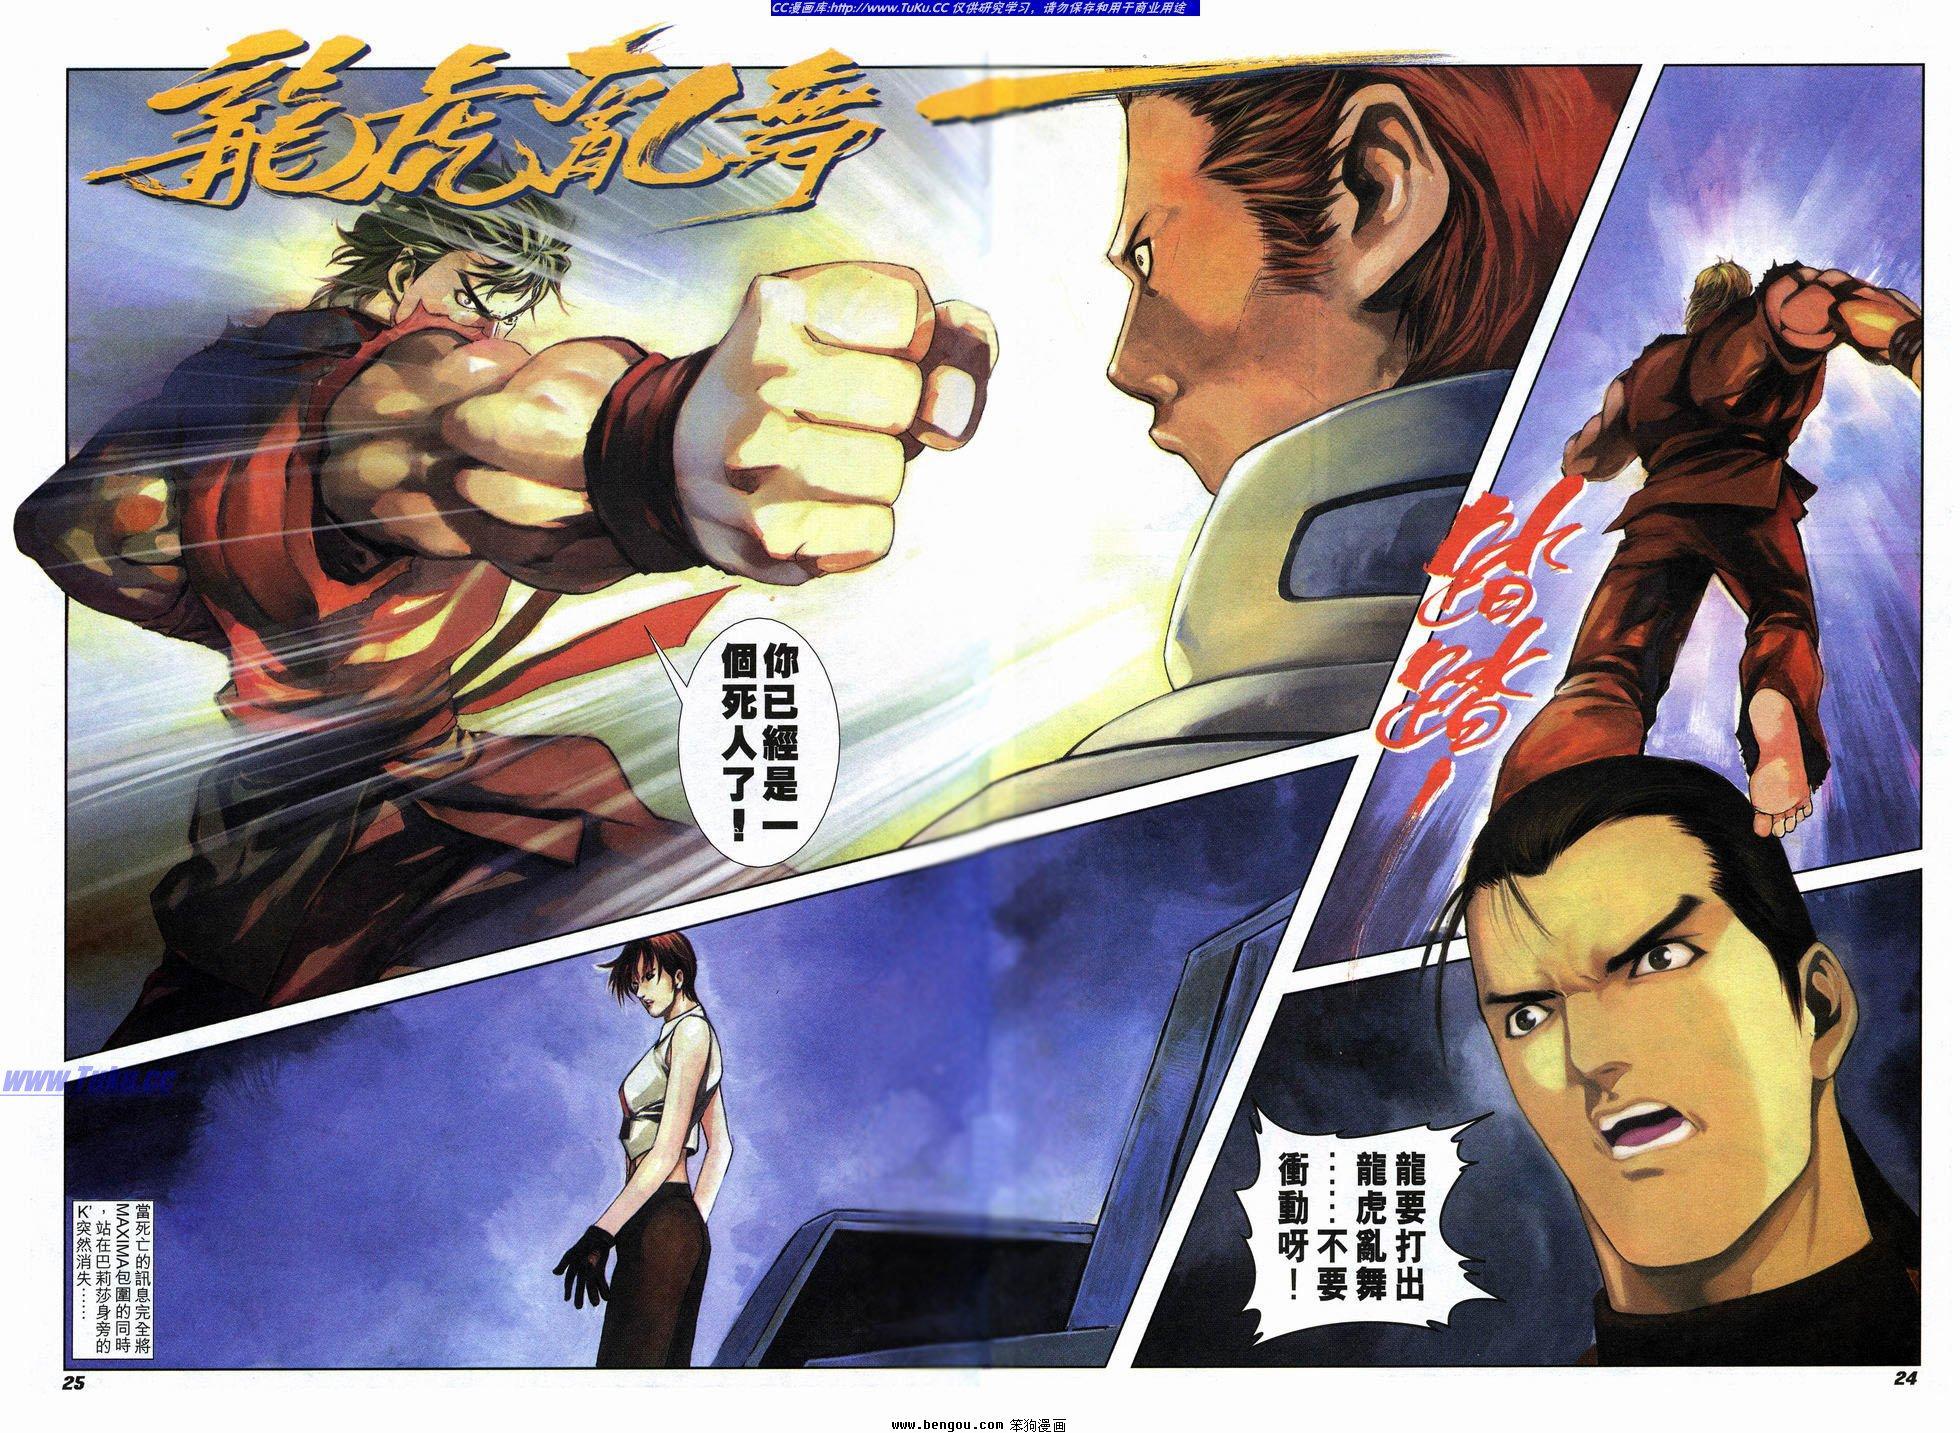 拳皇/拳皇2000第三卷(24)